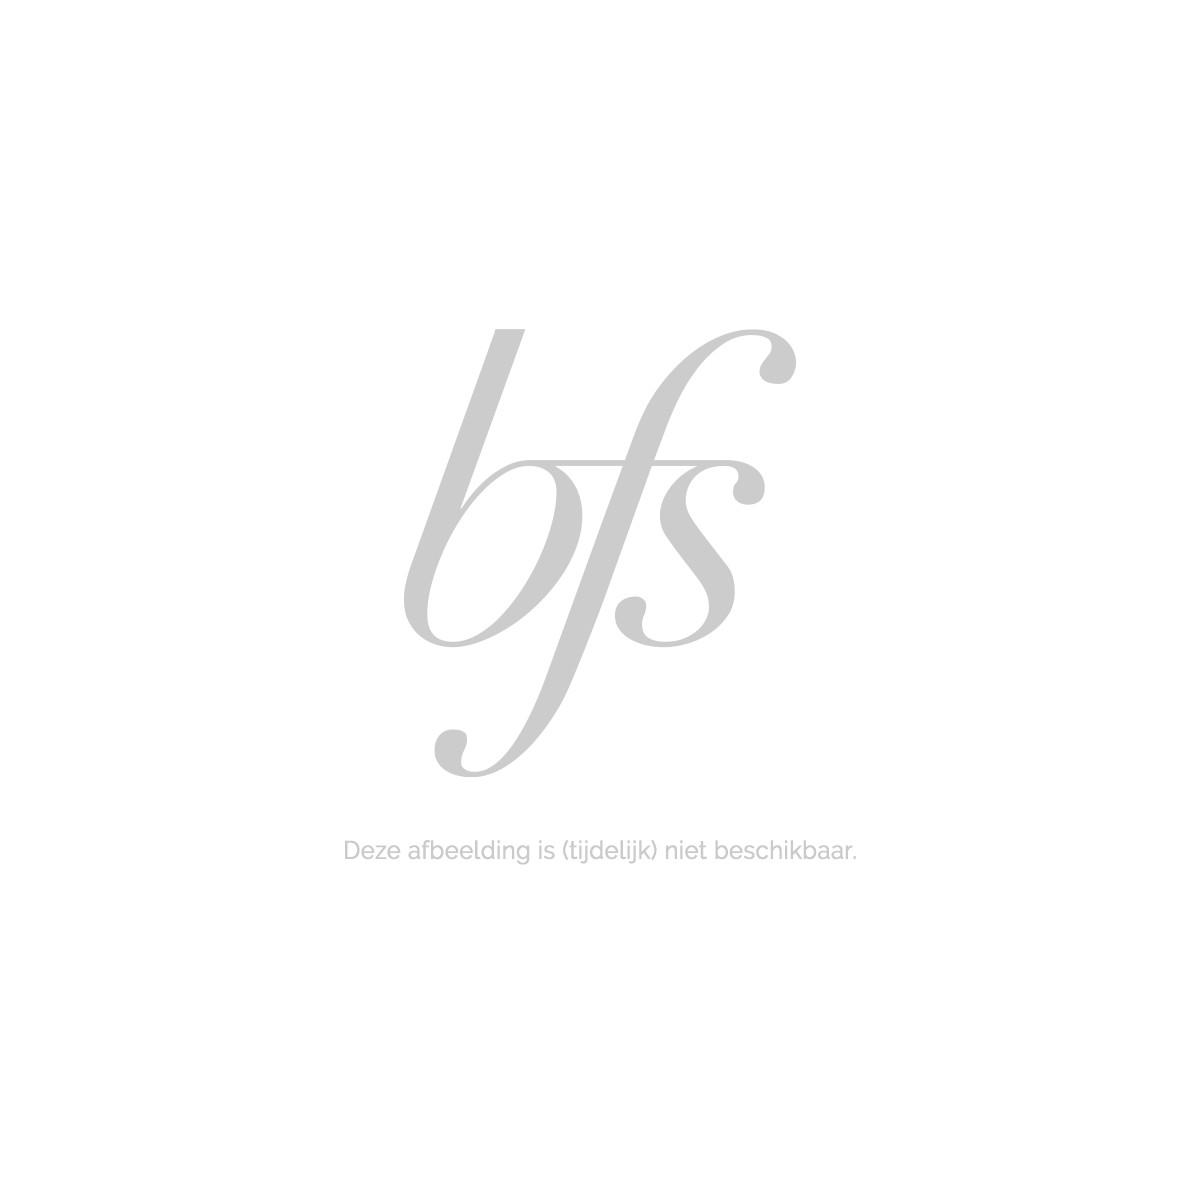 Gloria Vanderbilt Eau de Toilette 30 ml